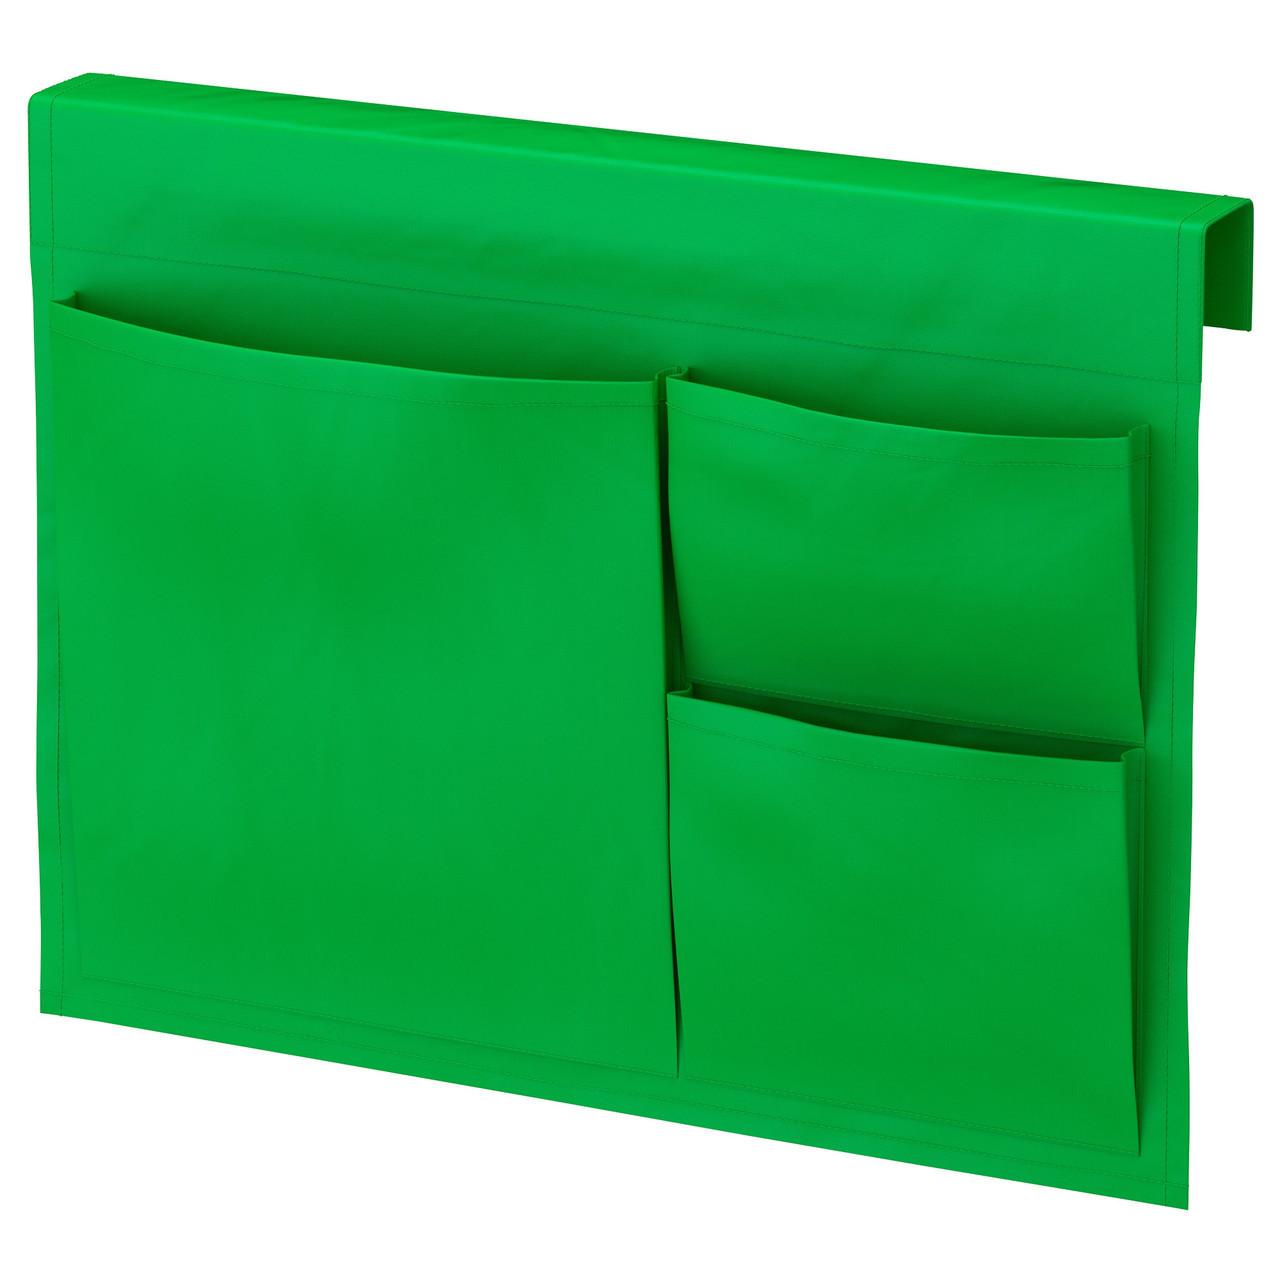 STICKAT Карман на кровать, зеленый - DOM-ONLINE - маркет товаров для дома и работы (IKEA, Mercator Medical) в Киеве